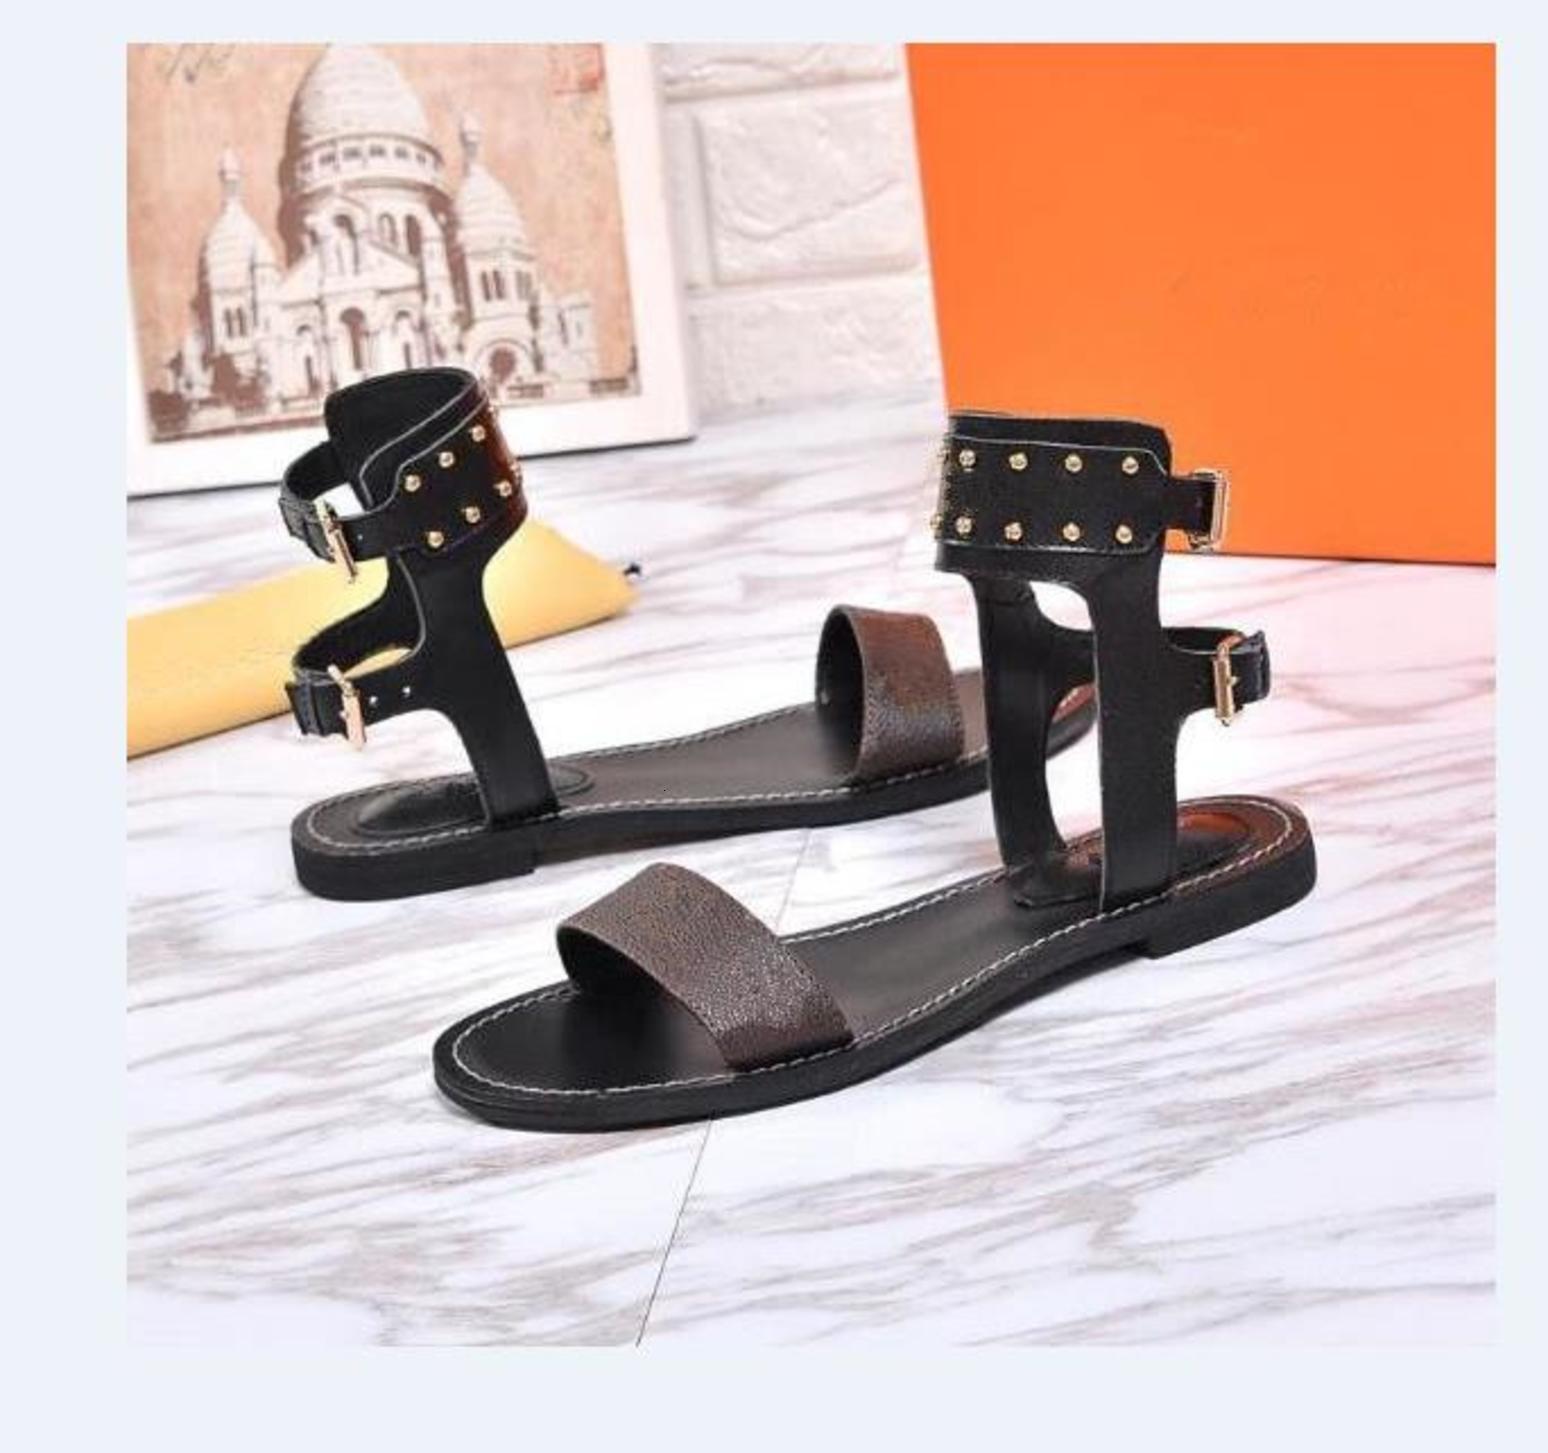 Estilo de venta caliente Moda Mujeres Classic Flats Sandalias Casuales High Qaulity Beach Zapatillas de playa Zapatos Lografos Envío Gratis